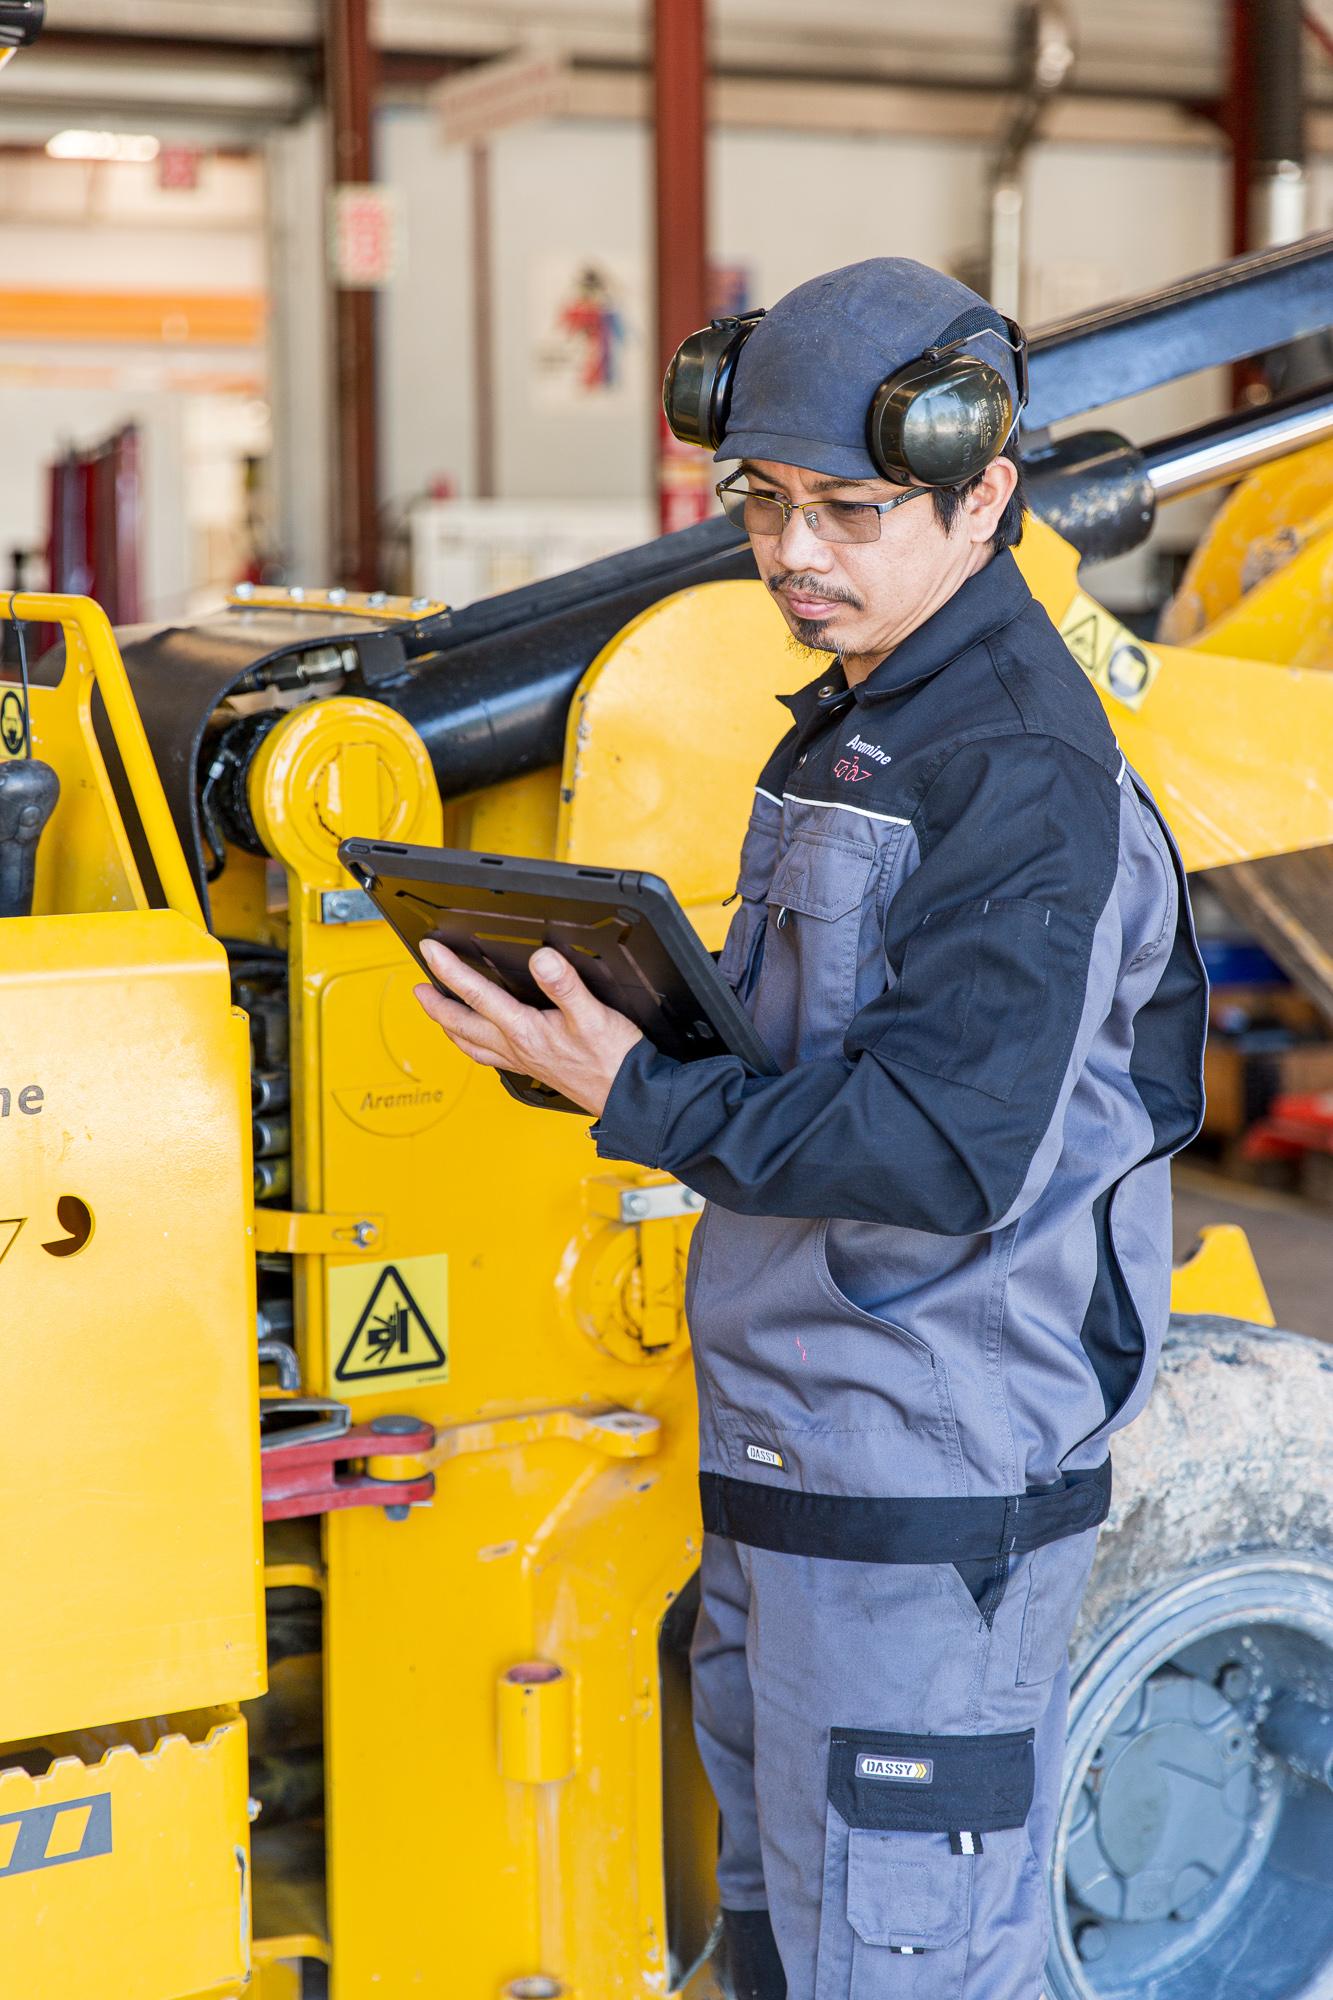 Un employé avec une tablette inspecte un véhicule chez Aramine. Photographies pour un reportage industriel